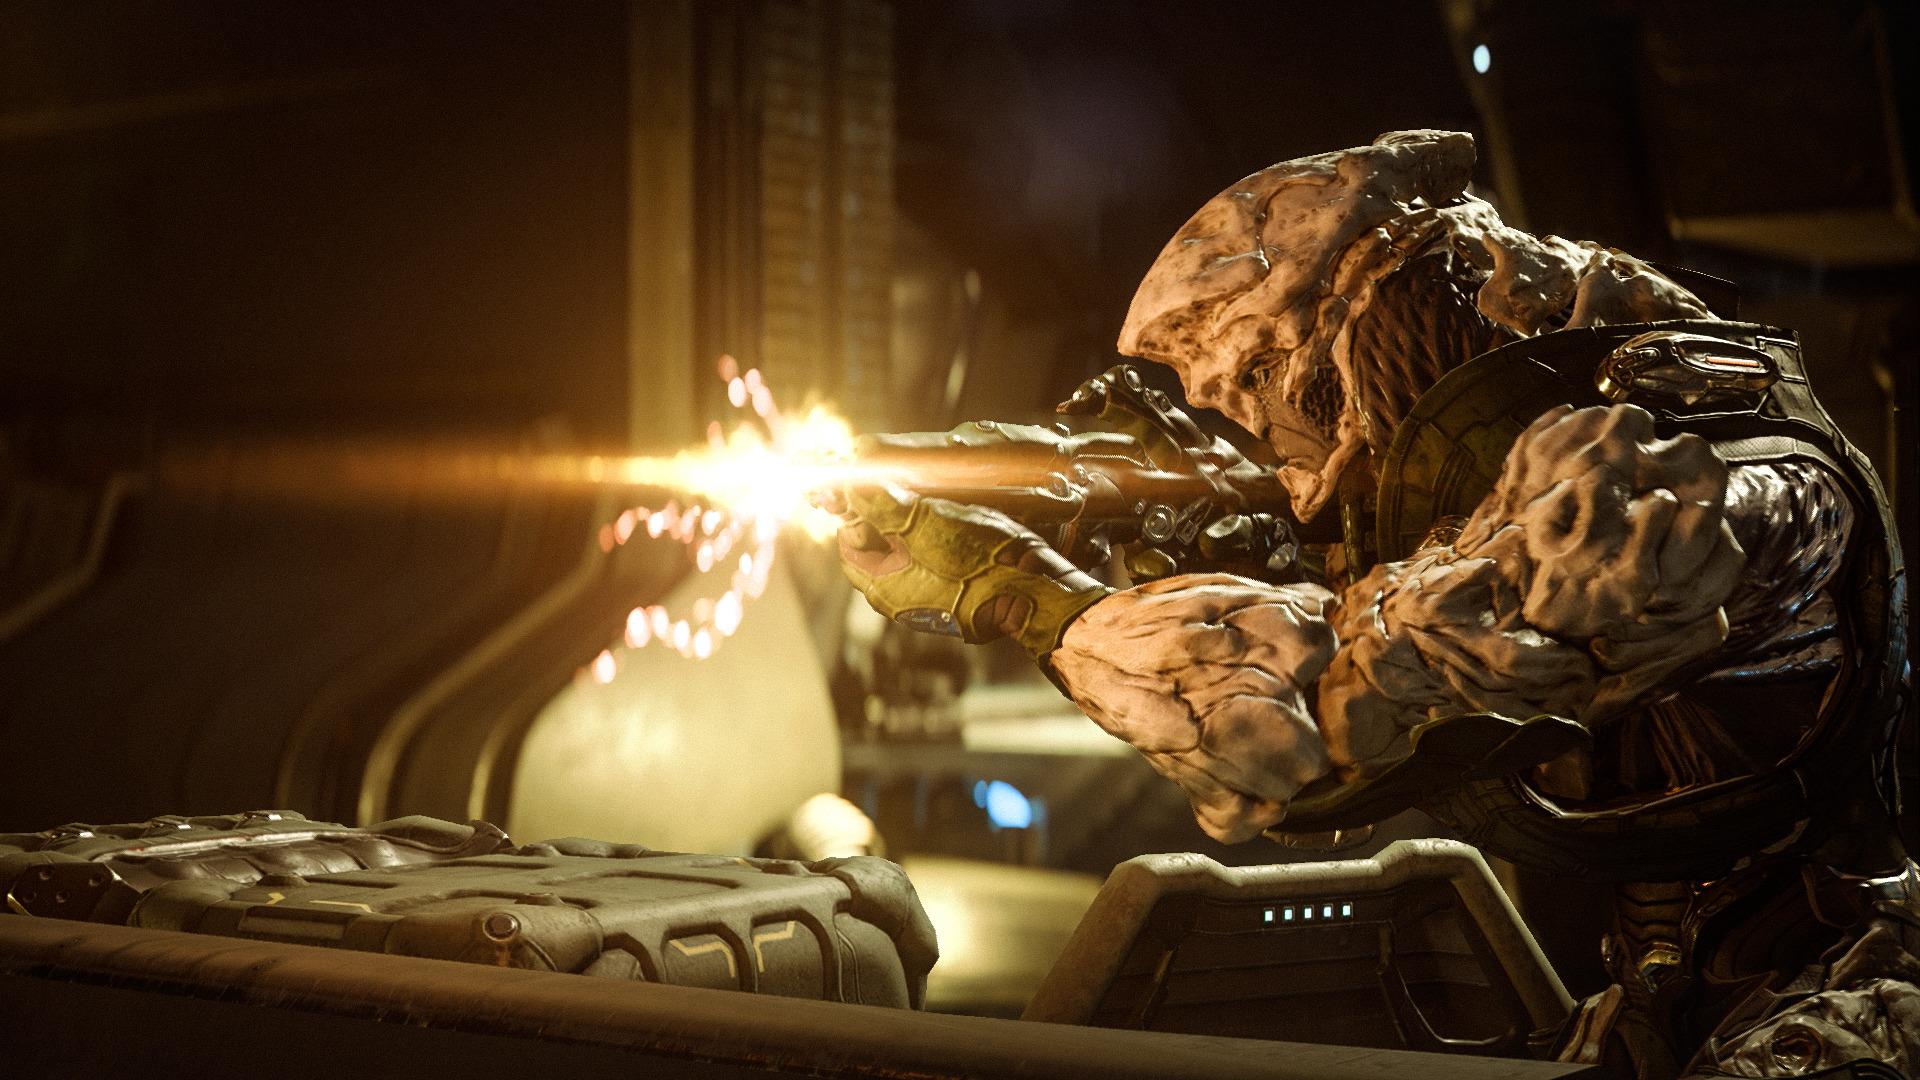 Mass Effect: Andromeda przedstawia pelna historie, ale kontynuacja moze powstac